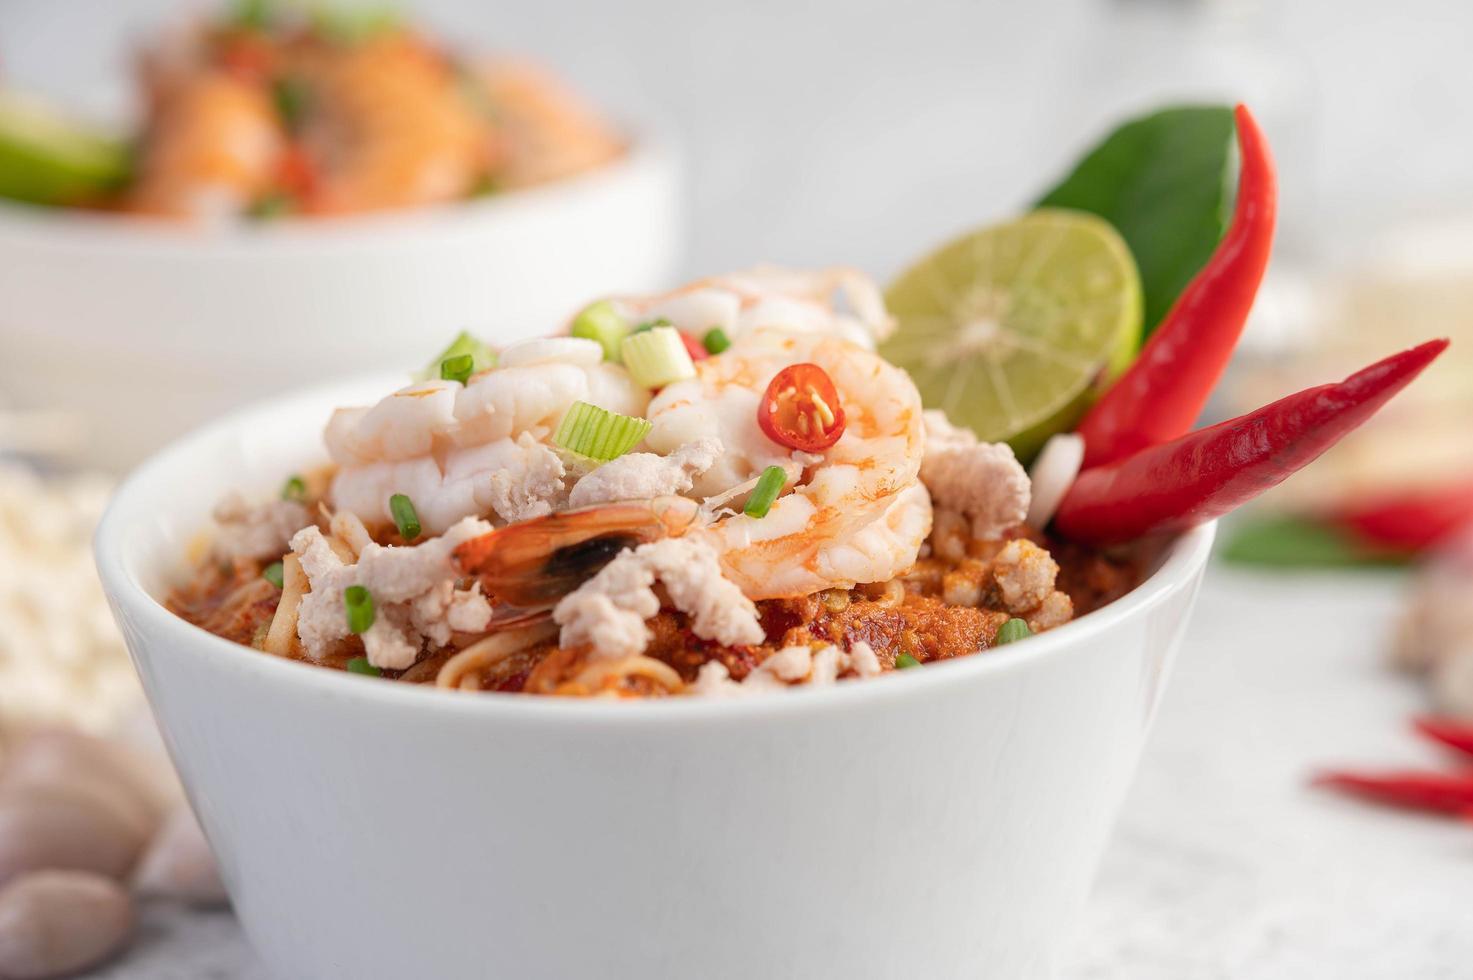 macarrão instantâneo frito com camarão e porco foto